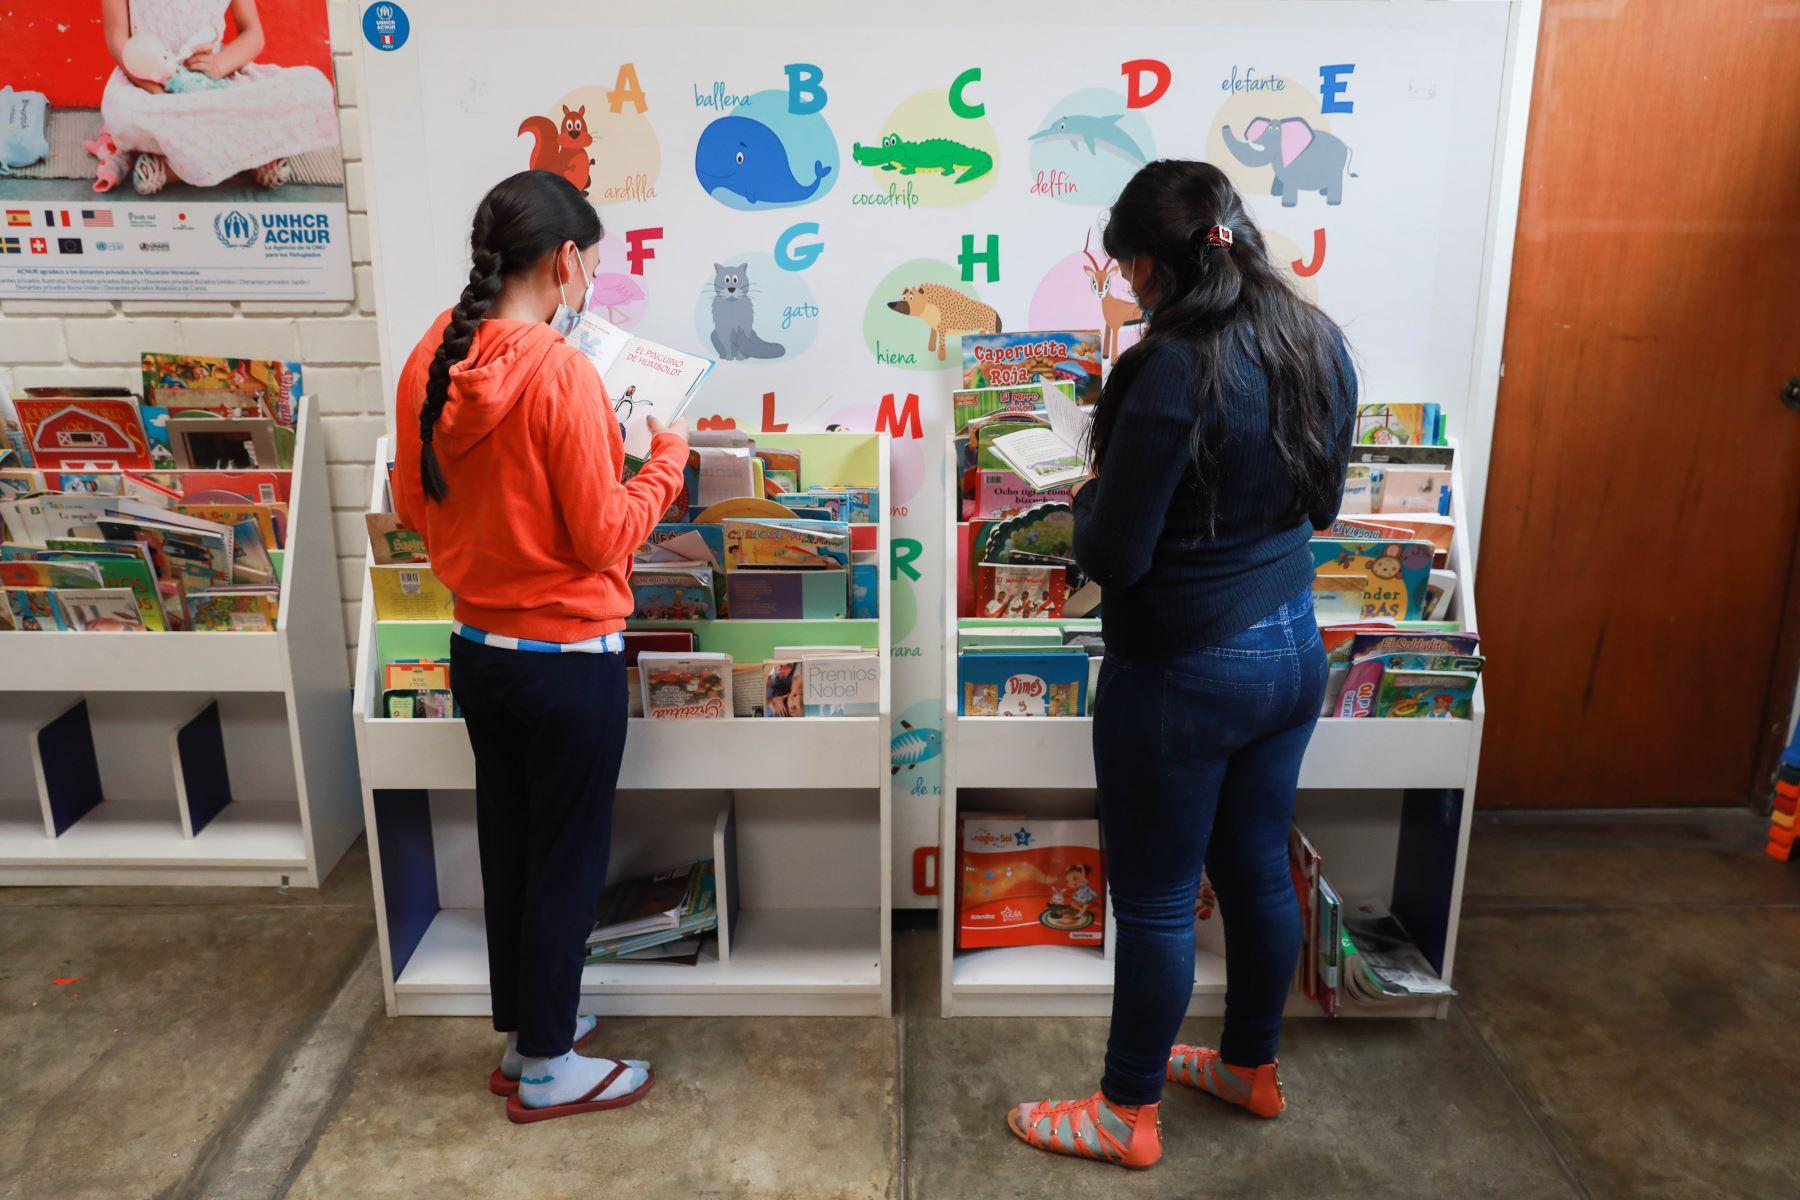 Municipalidad de Lima continúa brindado albergue temporal Casa de la Mujer. Foto: ANDINA/Municipalidad de Lima